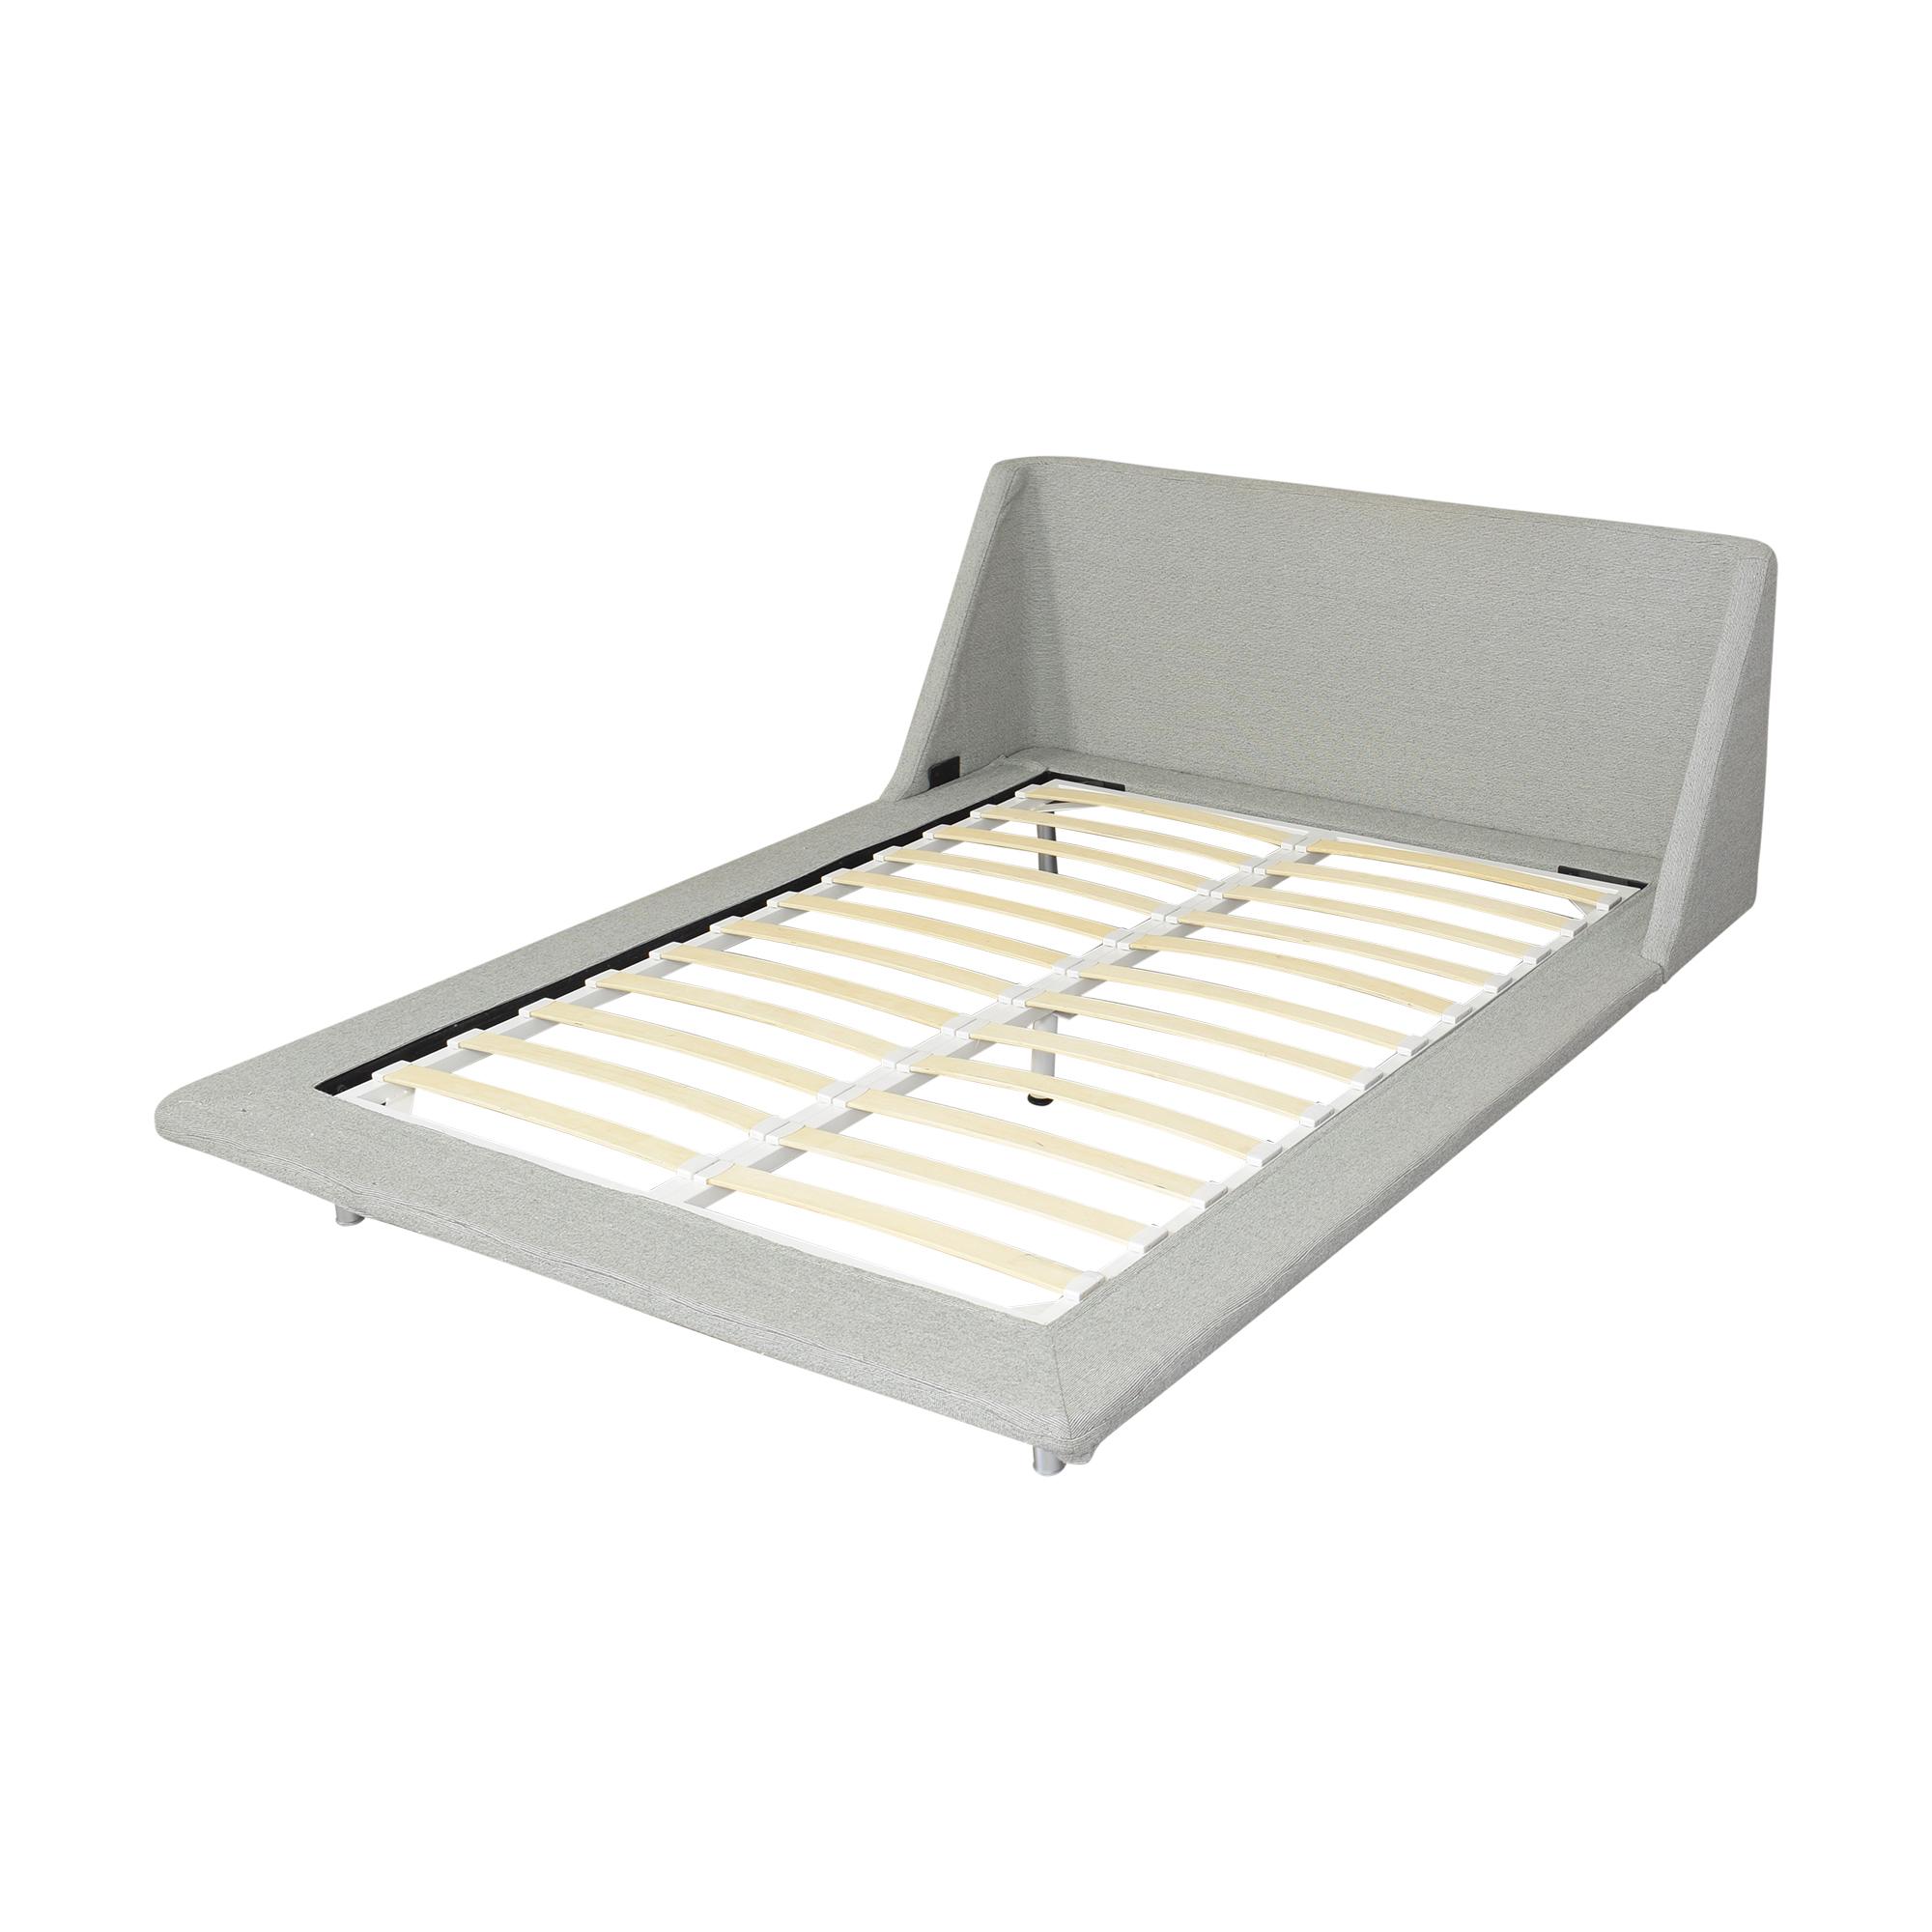 Blu Dot Blu Dot Nook Modern Queen Bed Beds